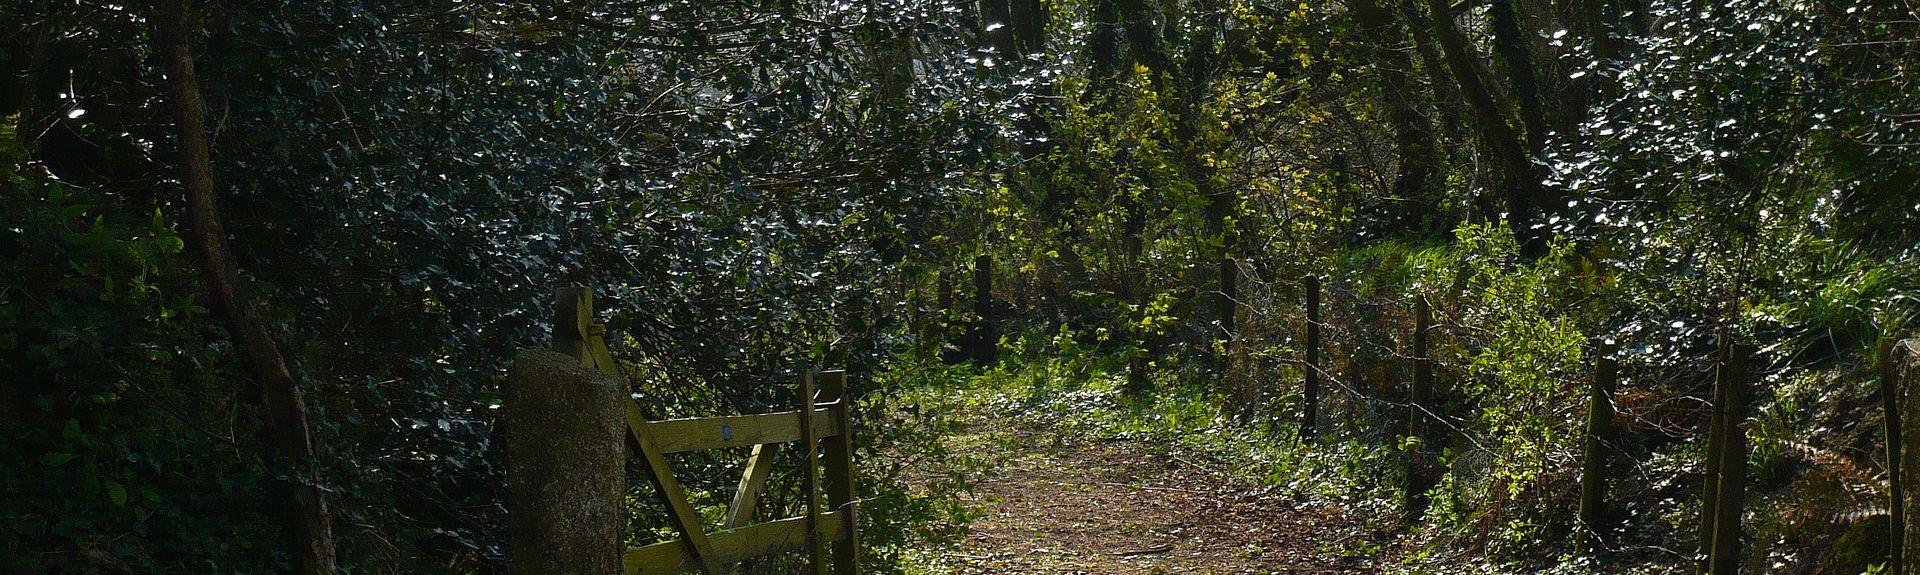 Lanivet, England, United Kingdom